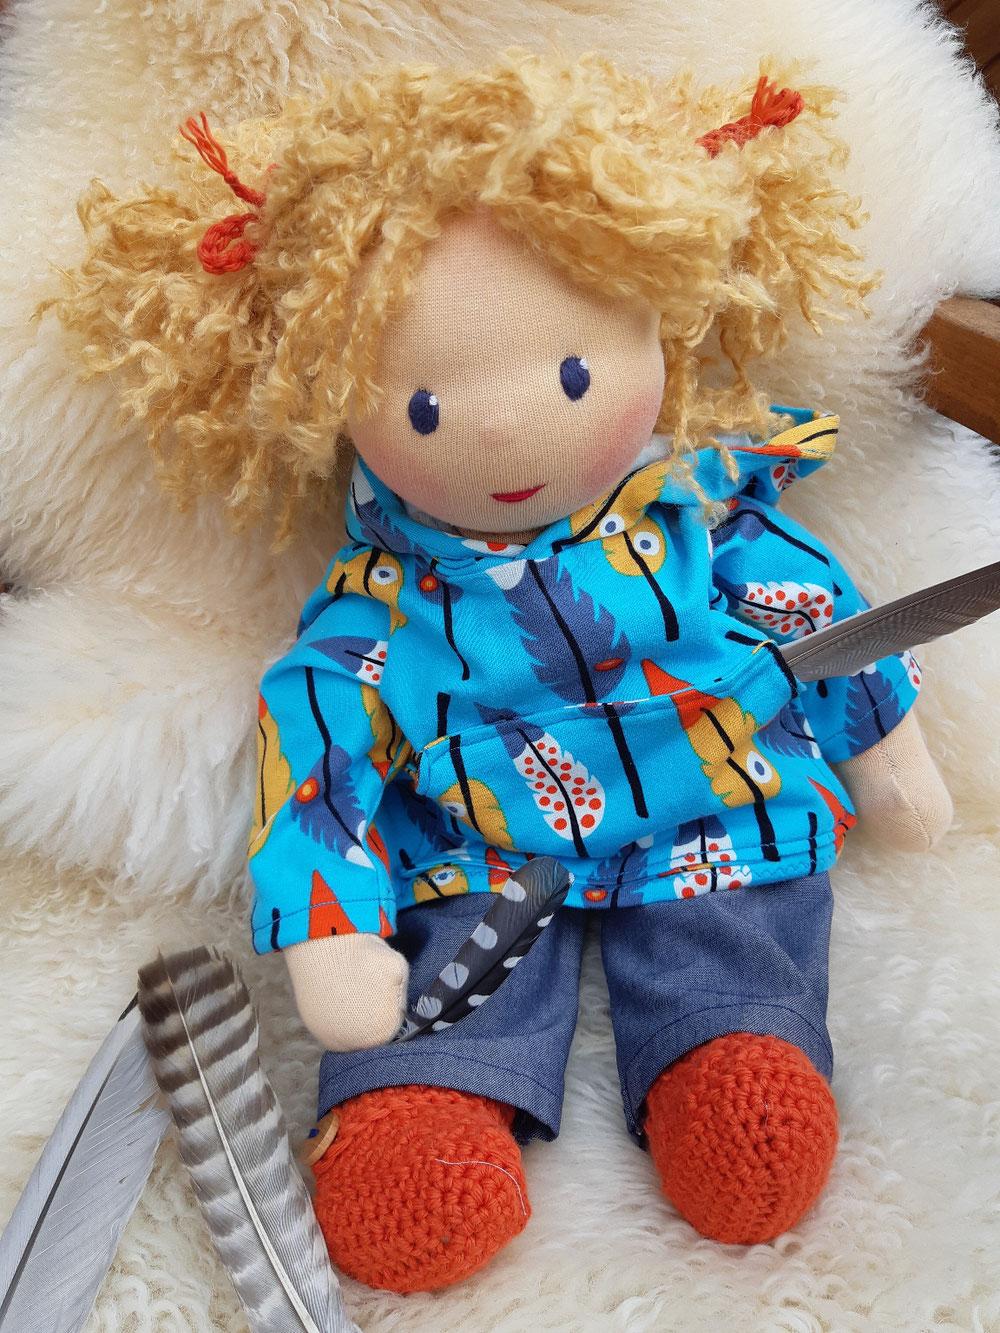 Bio-Stoffpuppe, individuelle Puppe passend zum Kind, Waldorfart, Puppenfreundin, Wunschpuppe, ökologische Kinderpuppe, bio-fair, ökofairliebt, handgemacht, Handarbeit, handgefertigt, Selbstakzeptanz, Naturmaterial, Puppenhandwerk, nachhaltiges Spielzeug